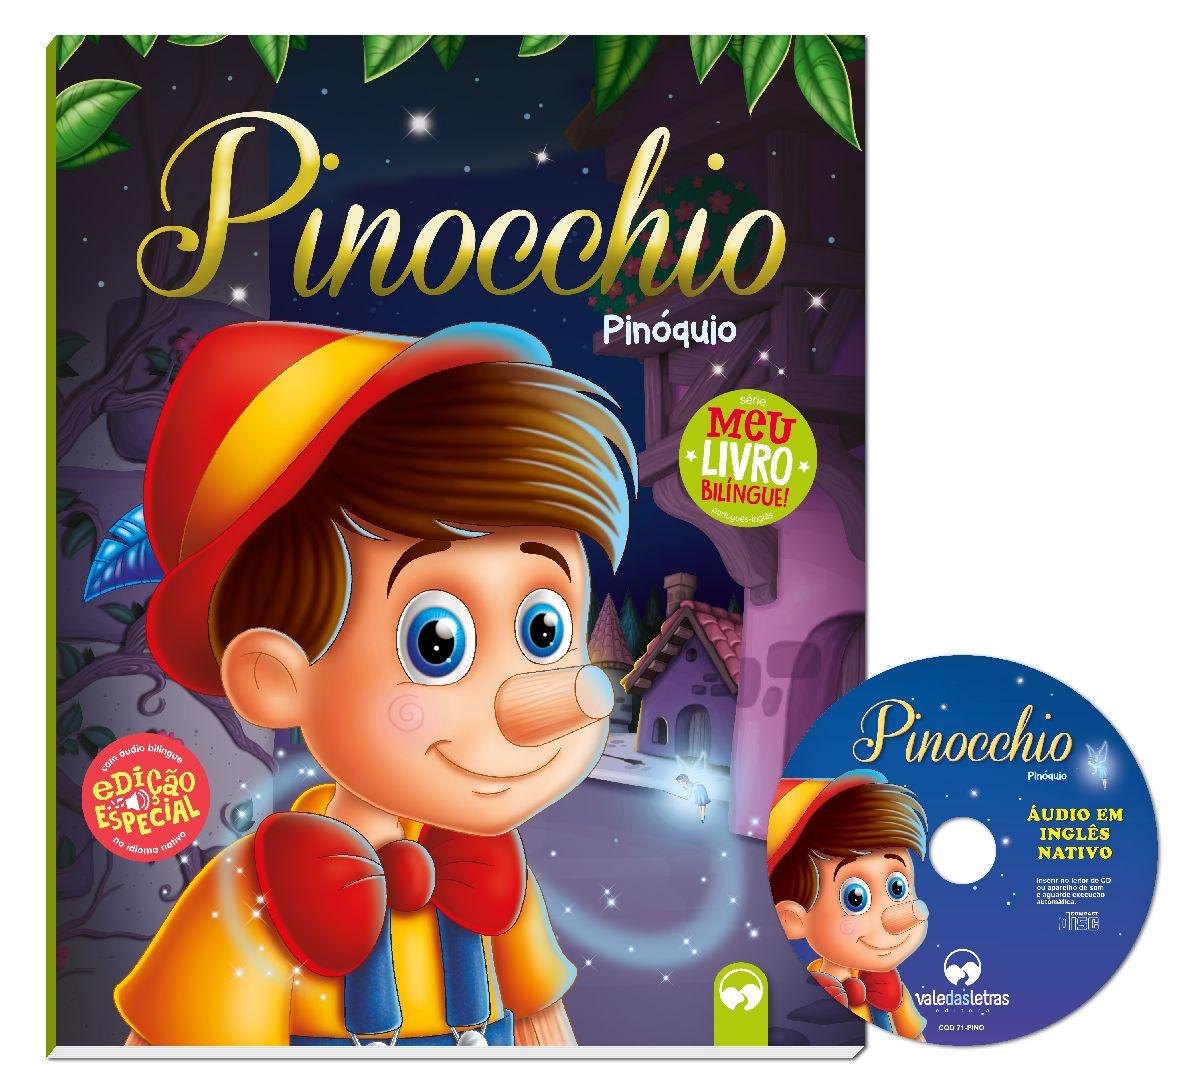 Pinocchio (Pinoquio) - Meu Primeiro Livro Bilíngue